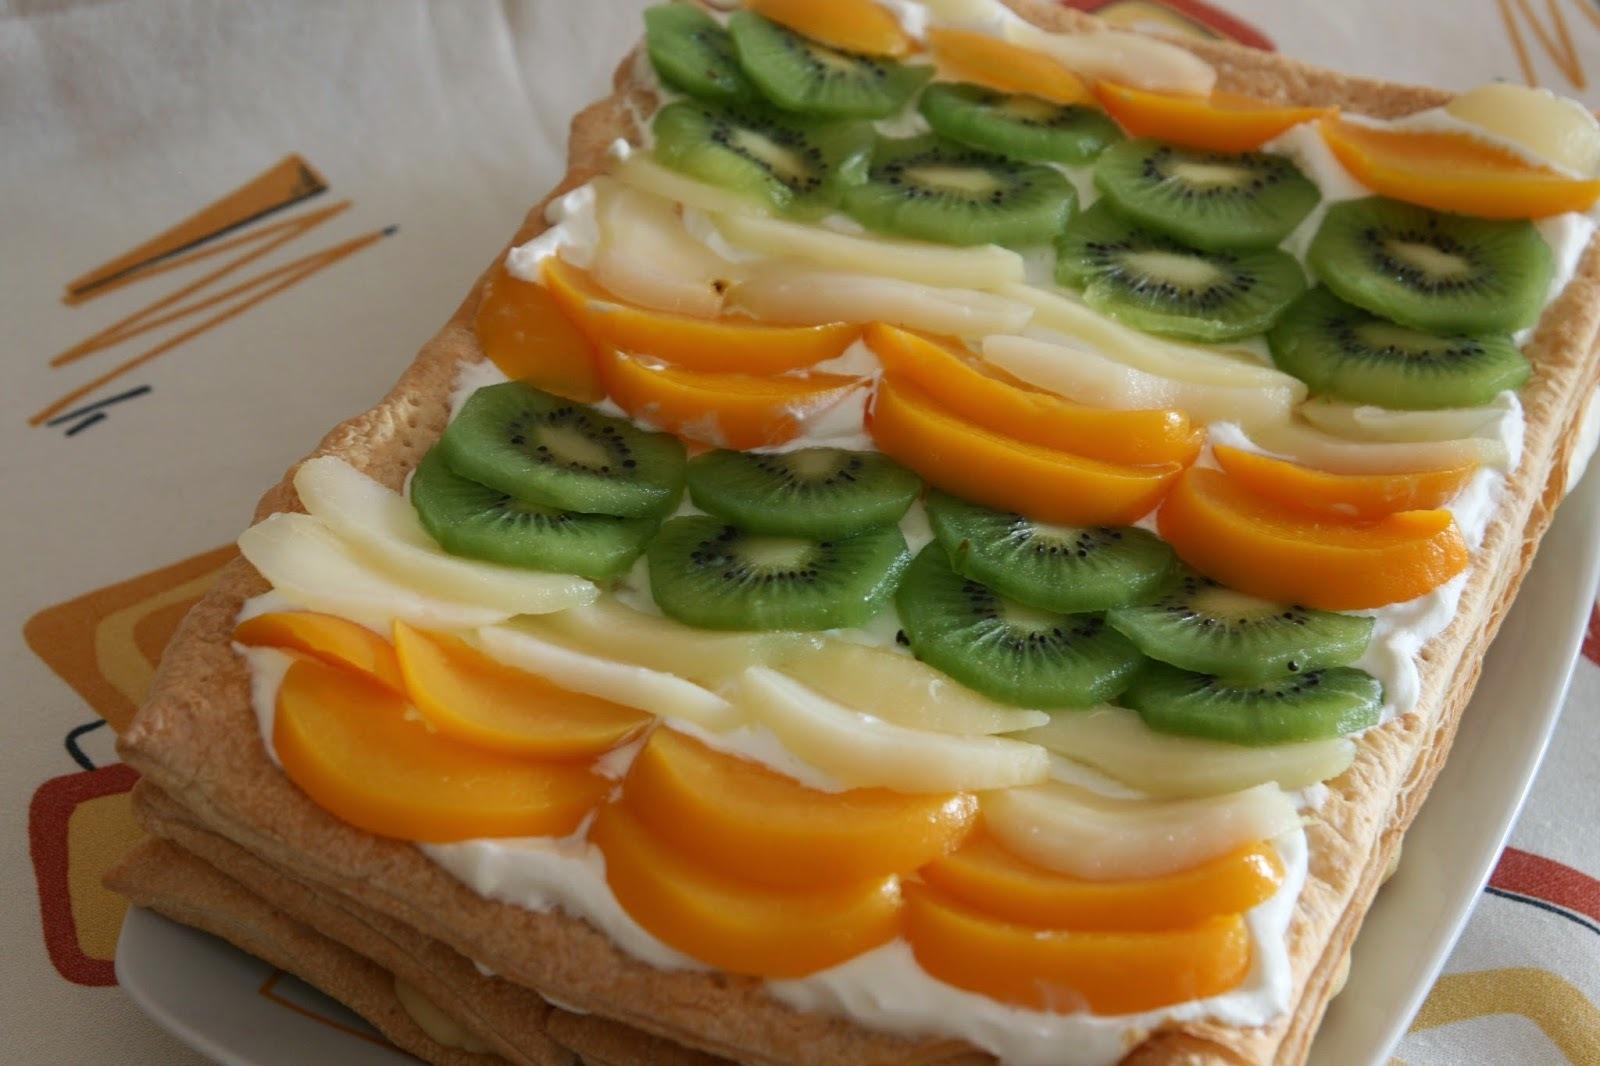 Tarta de frutas con nata y crema pastelera